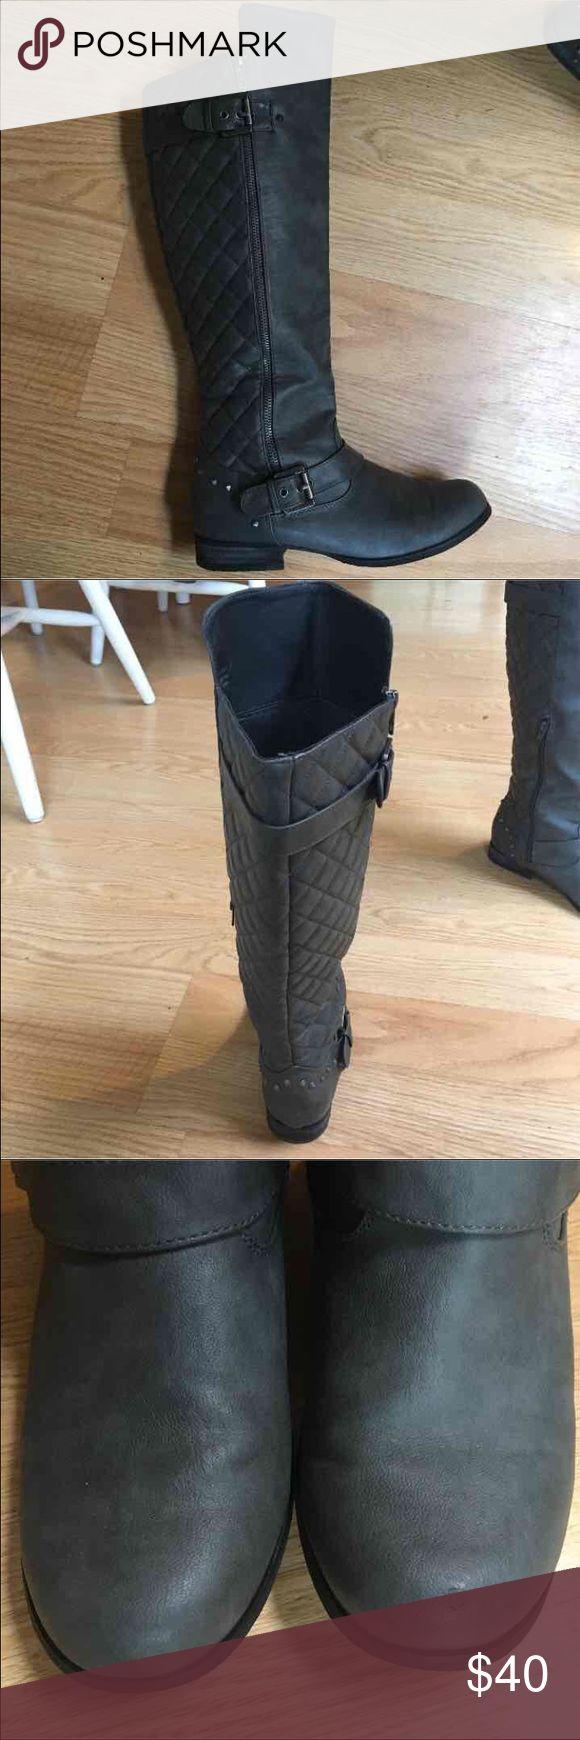 1000  ideias sobre Not Rated Boots no Pinterest | Botas, Botas de ...